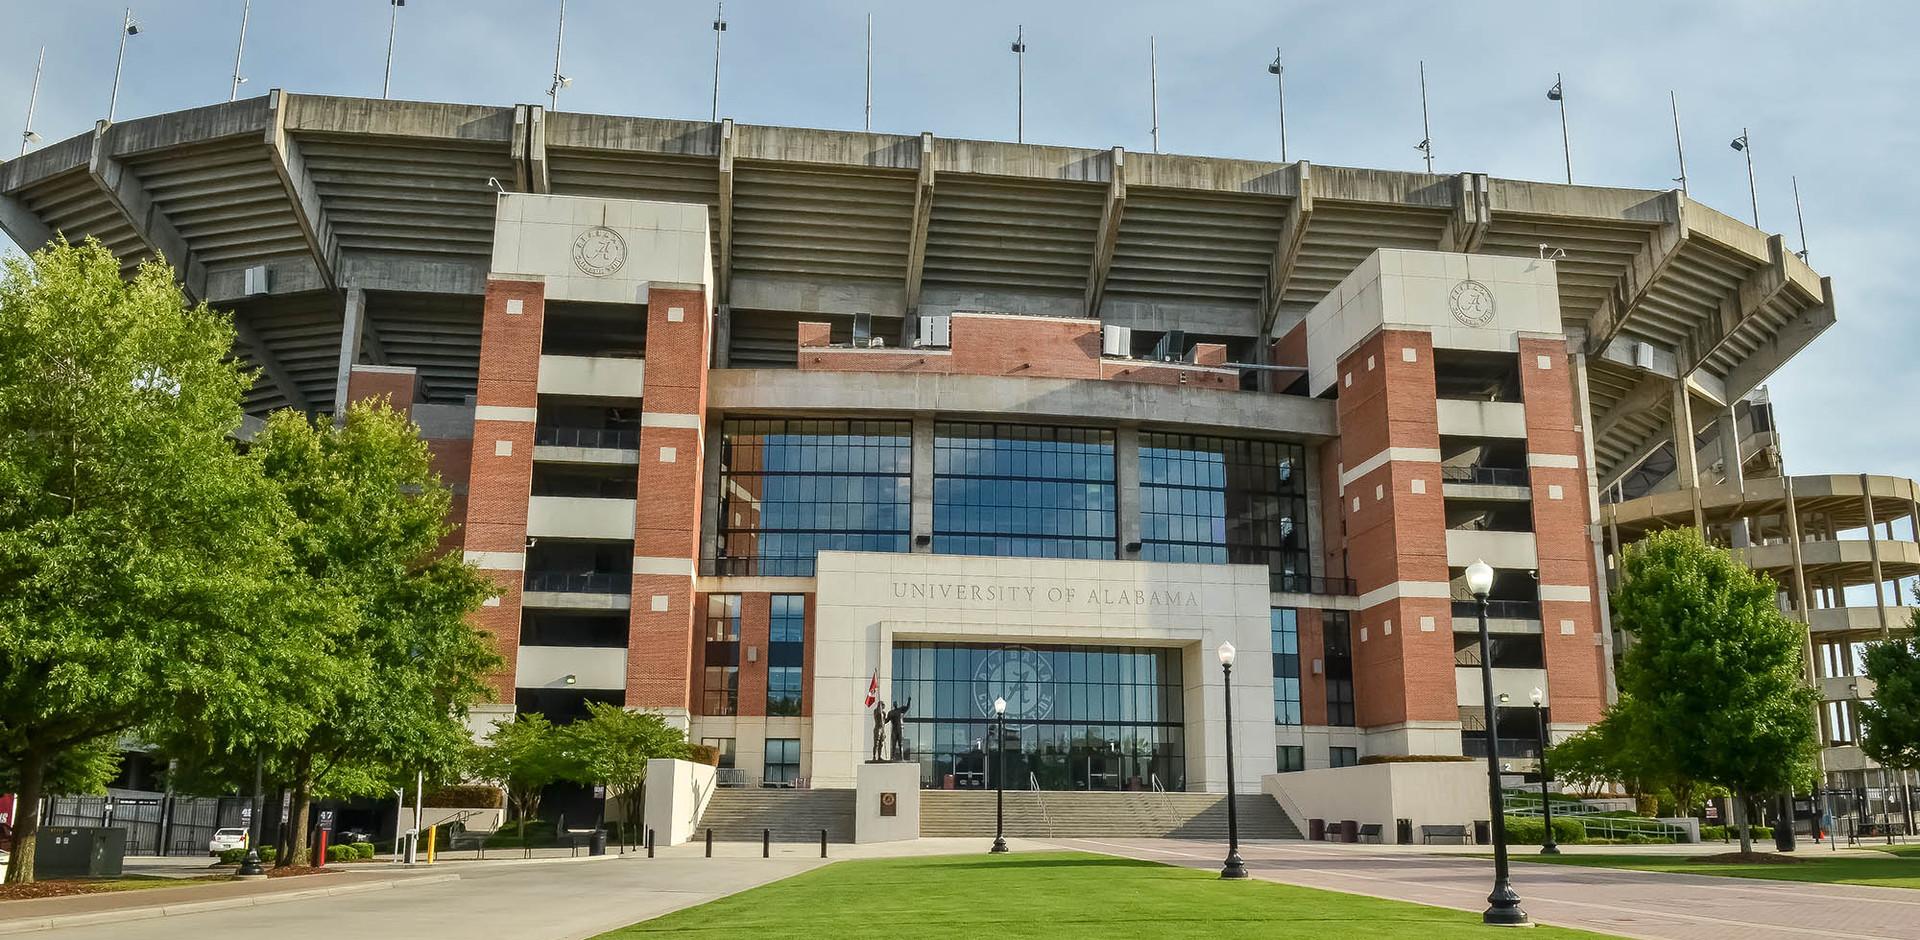 Bryant-Denny Stadium09.jpg